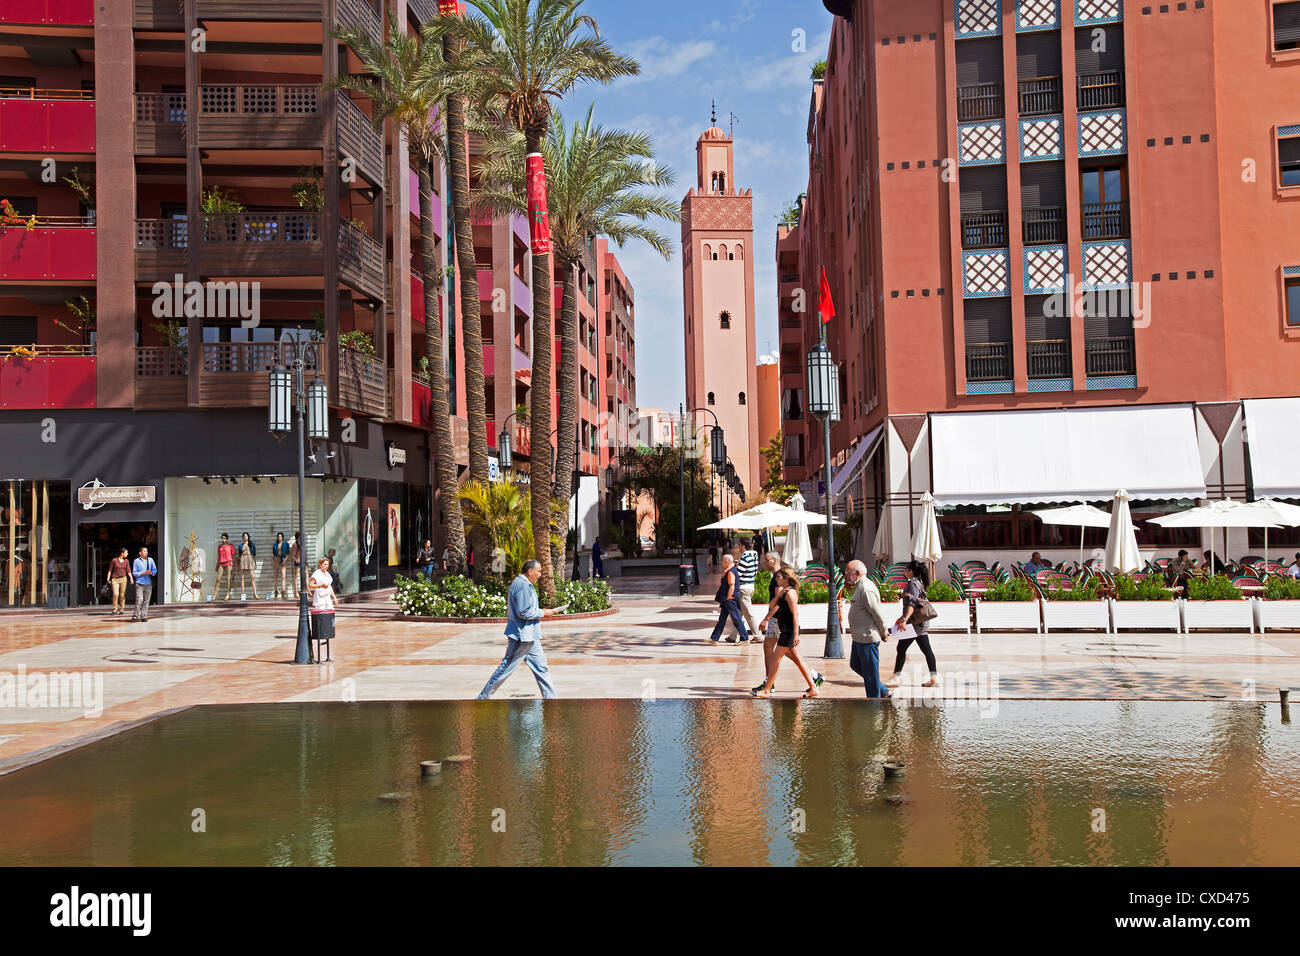 Nouveau centre commercial et des appartements dans le domaine de riches Gueliz à Marrakech, Maroc, Afrique Photo Stock